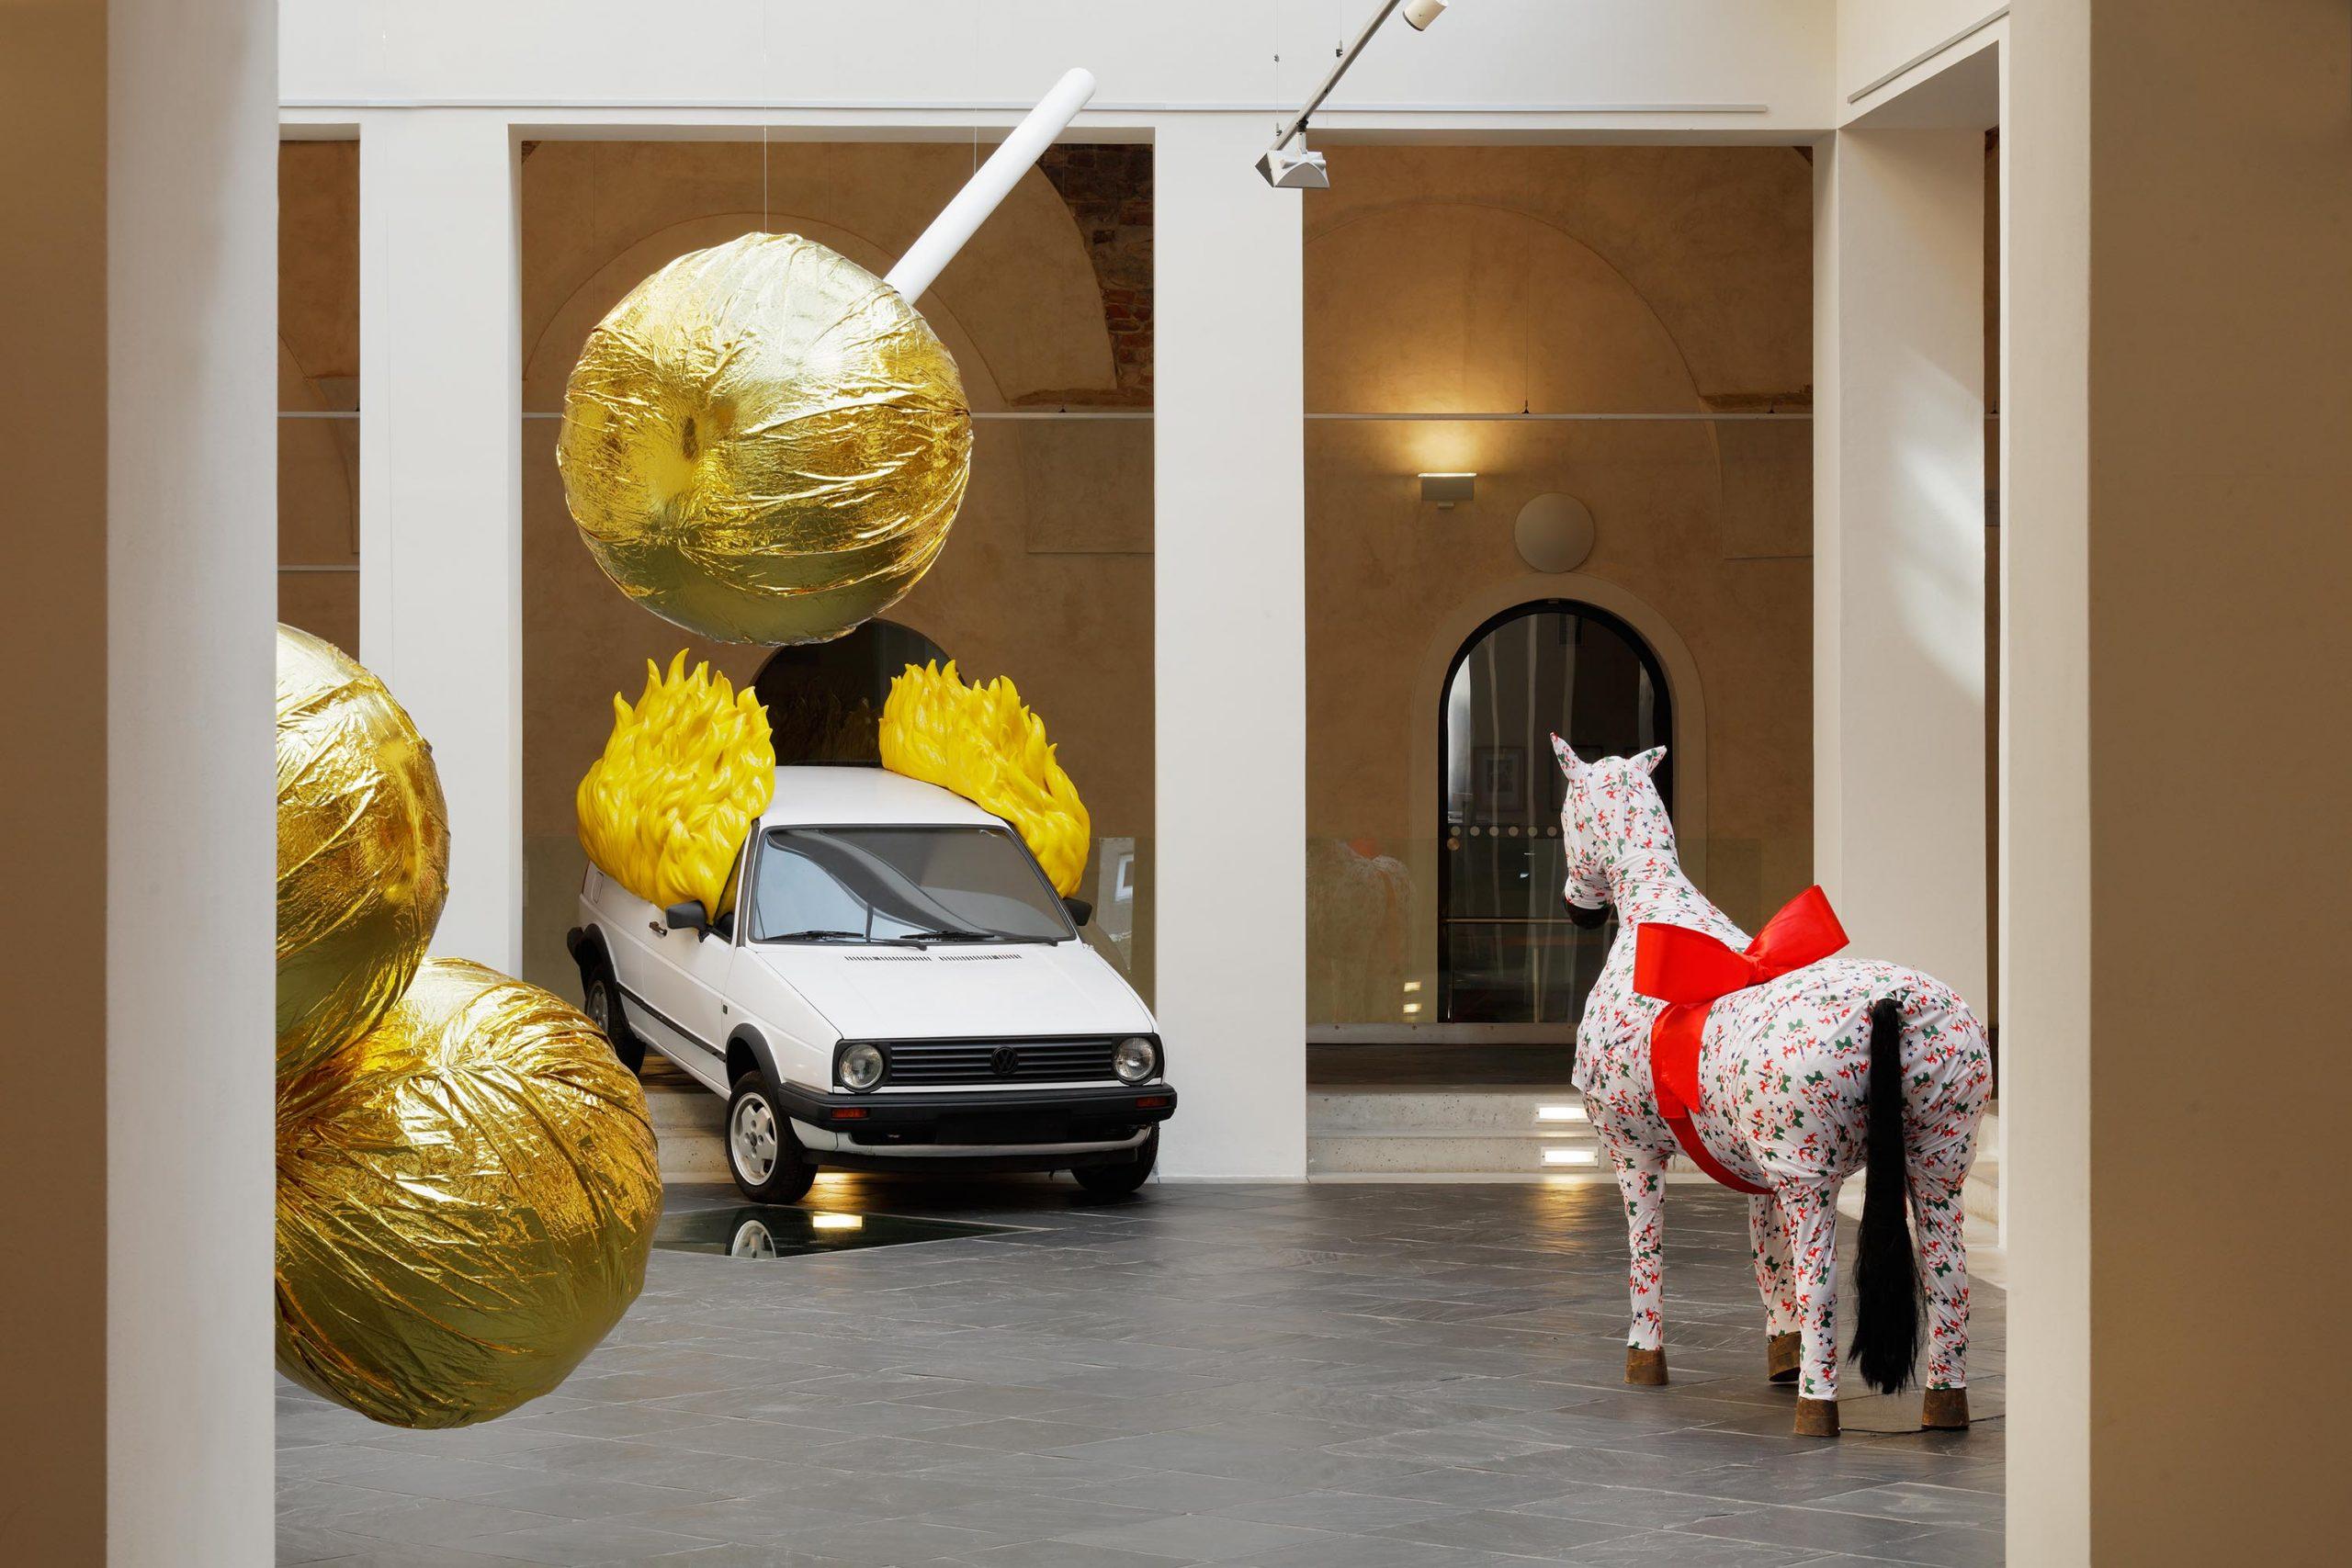 výstava PASTA ONER – NAUGHRY BY NATURE / 17. 3. – 2. 8. 2020 // Dům umění